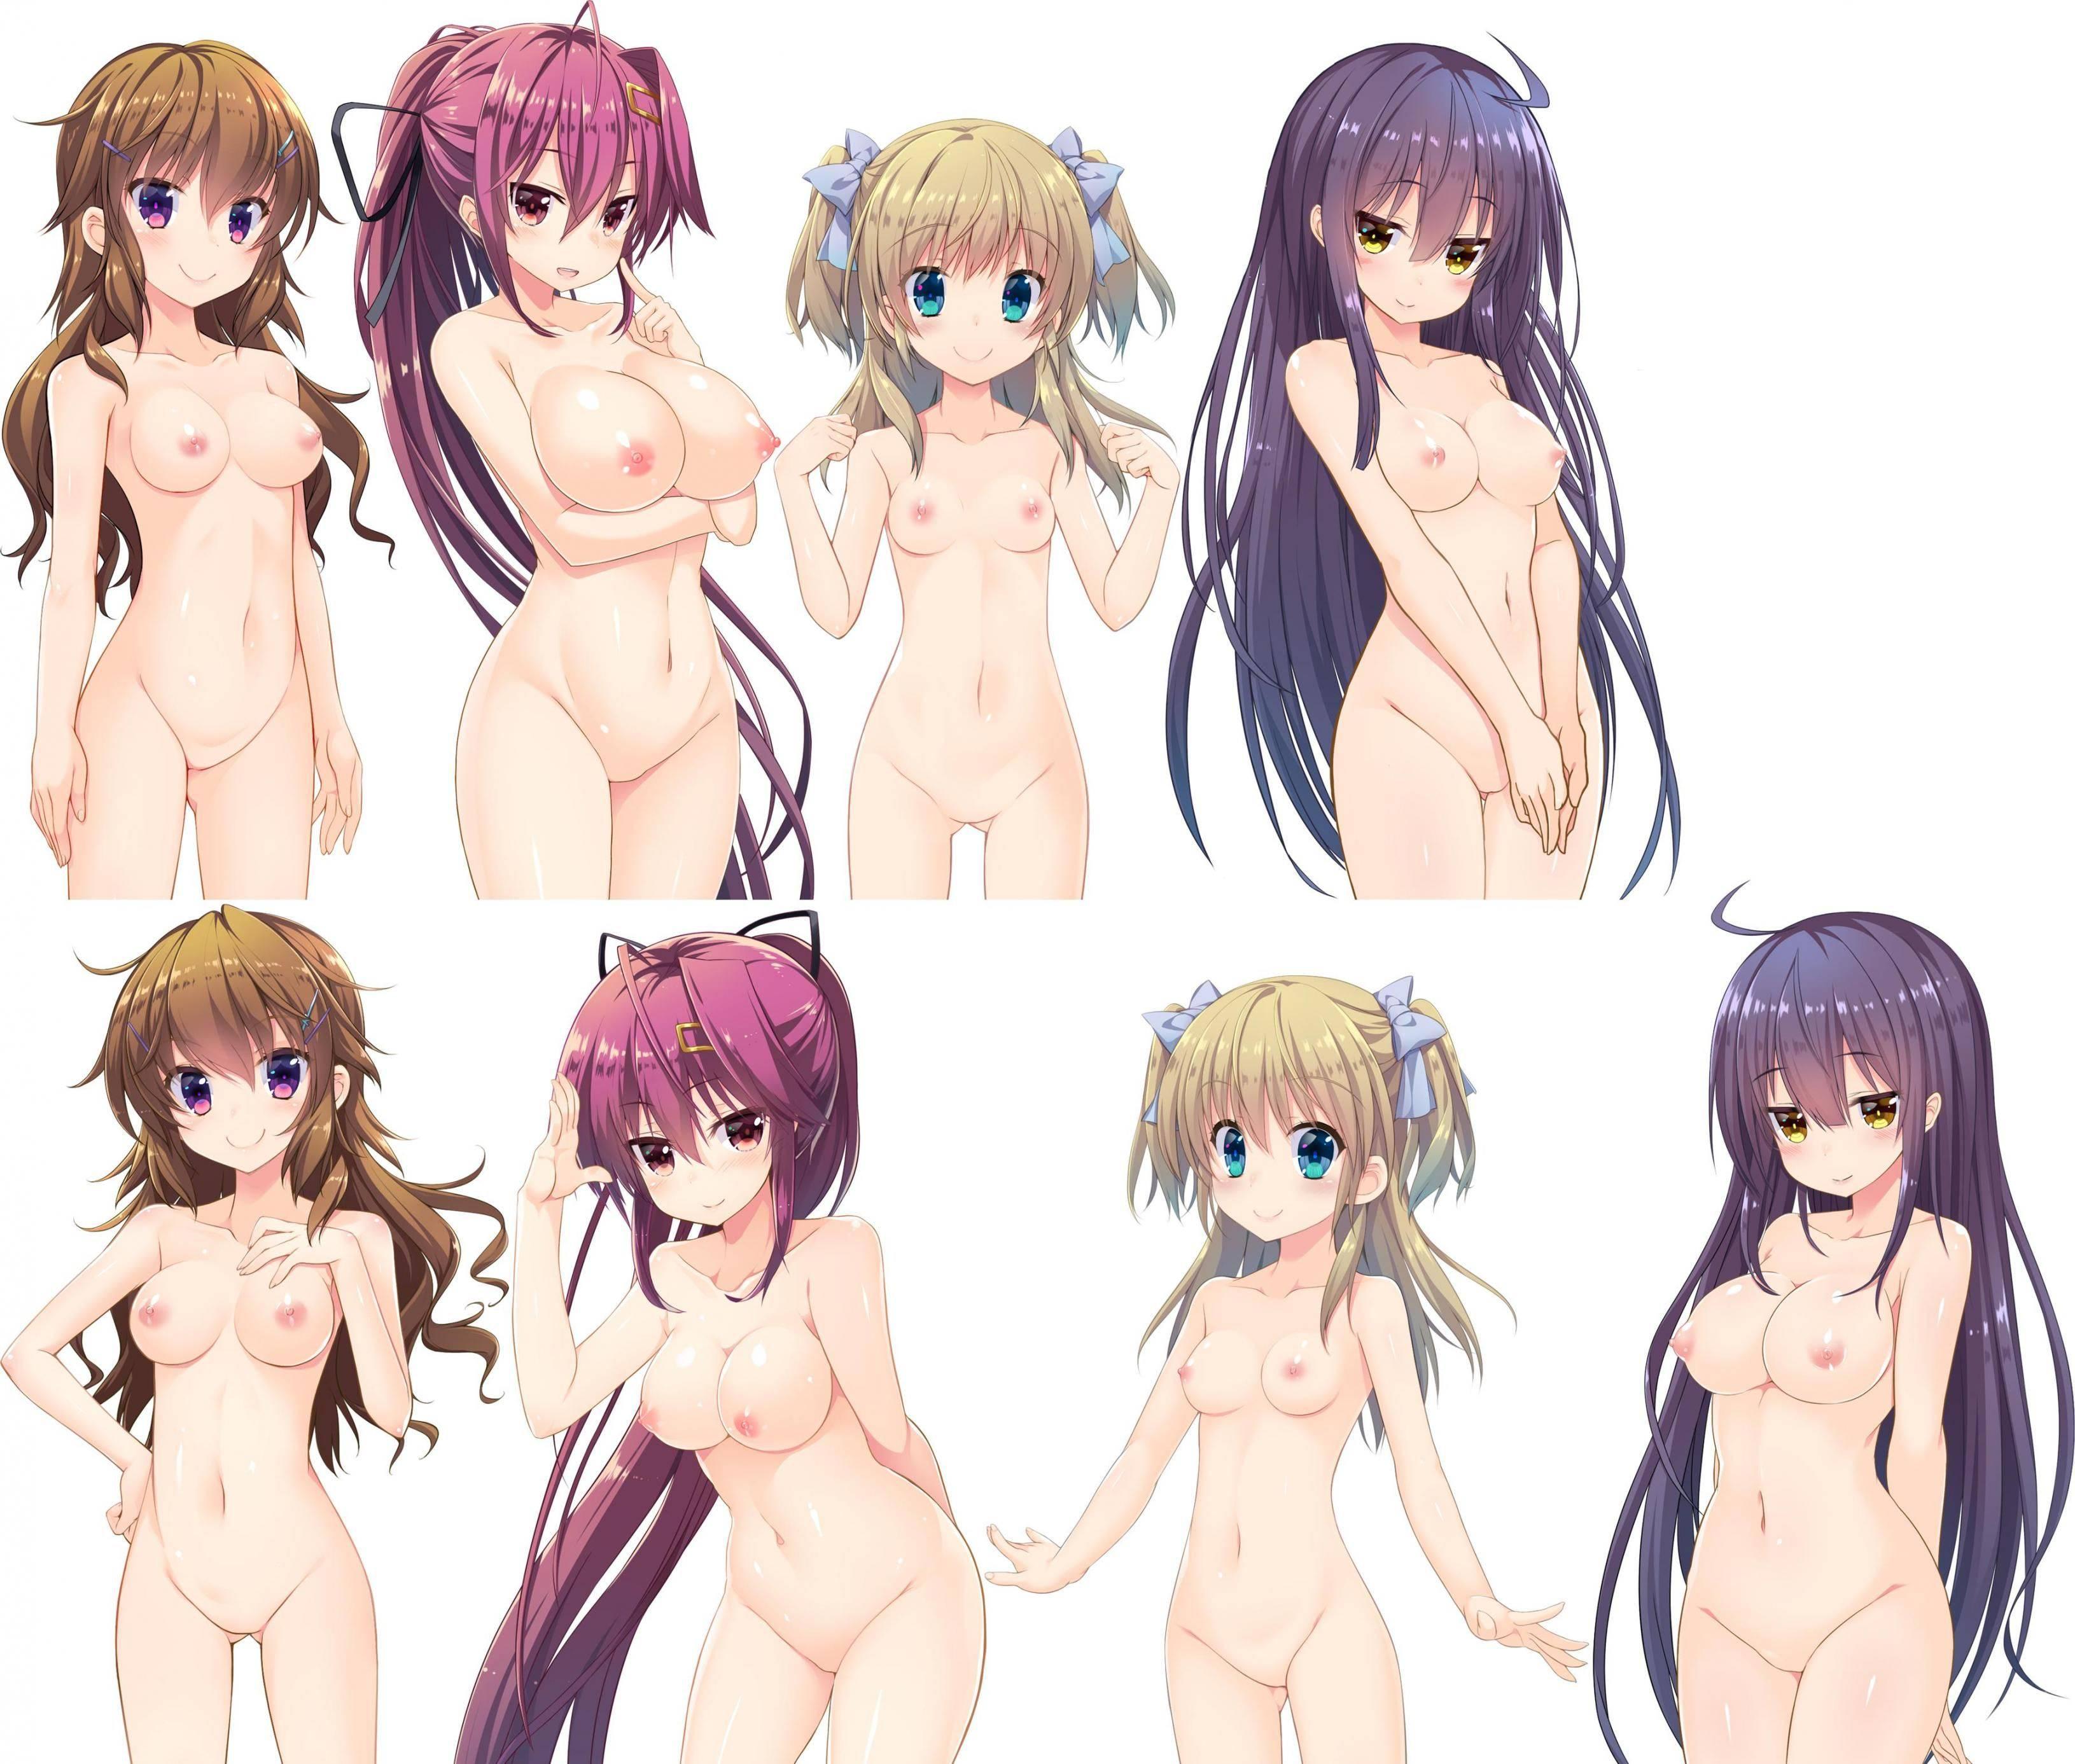 【どれにしようかな?】女の子達が全裸で立ってる二次エロ画像【11】